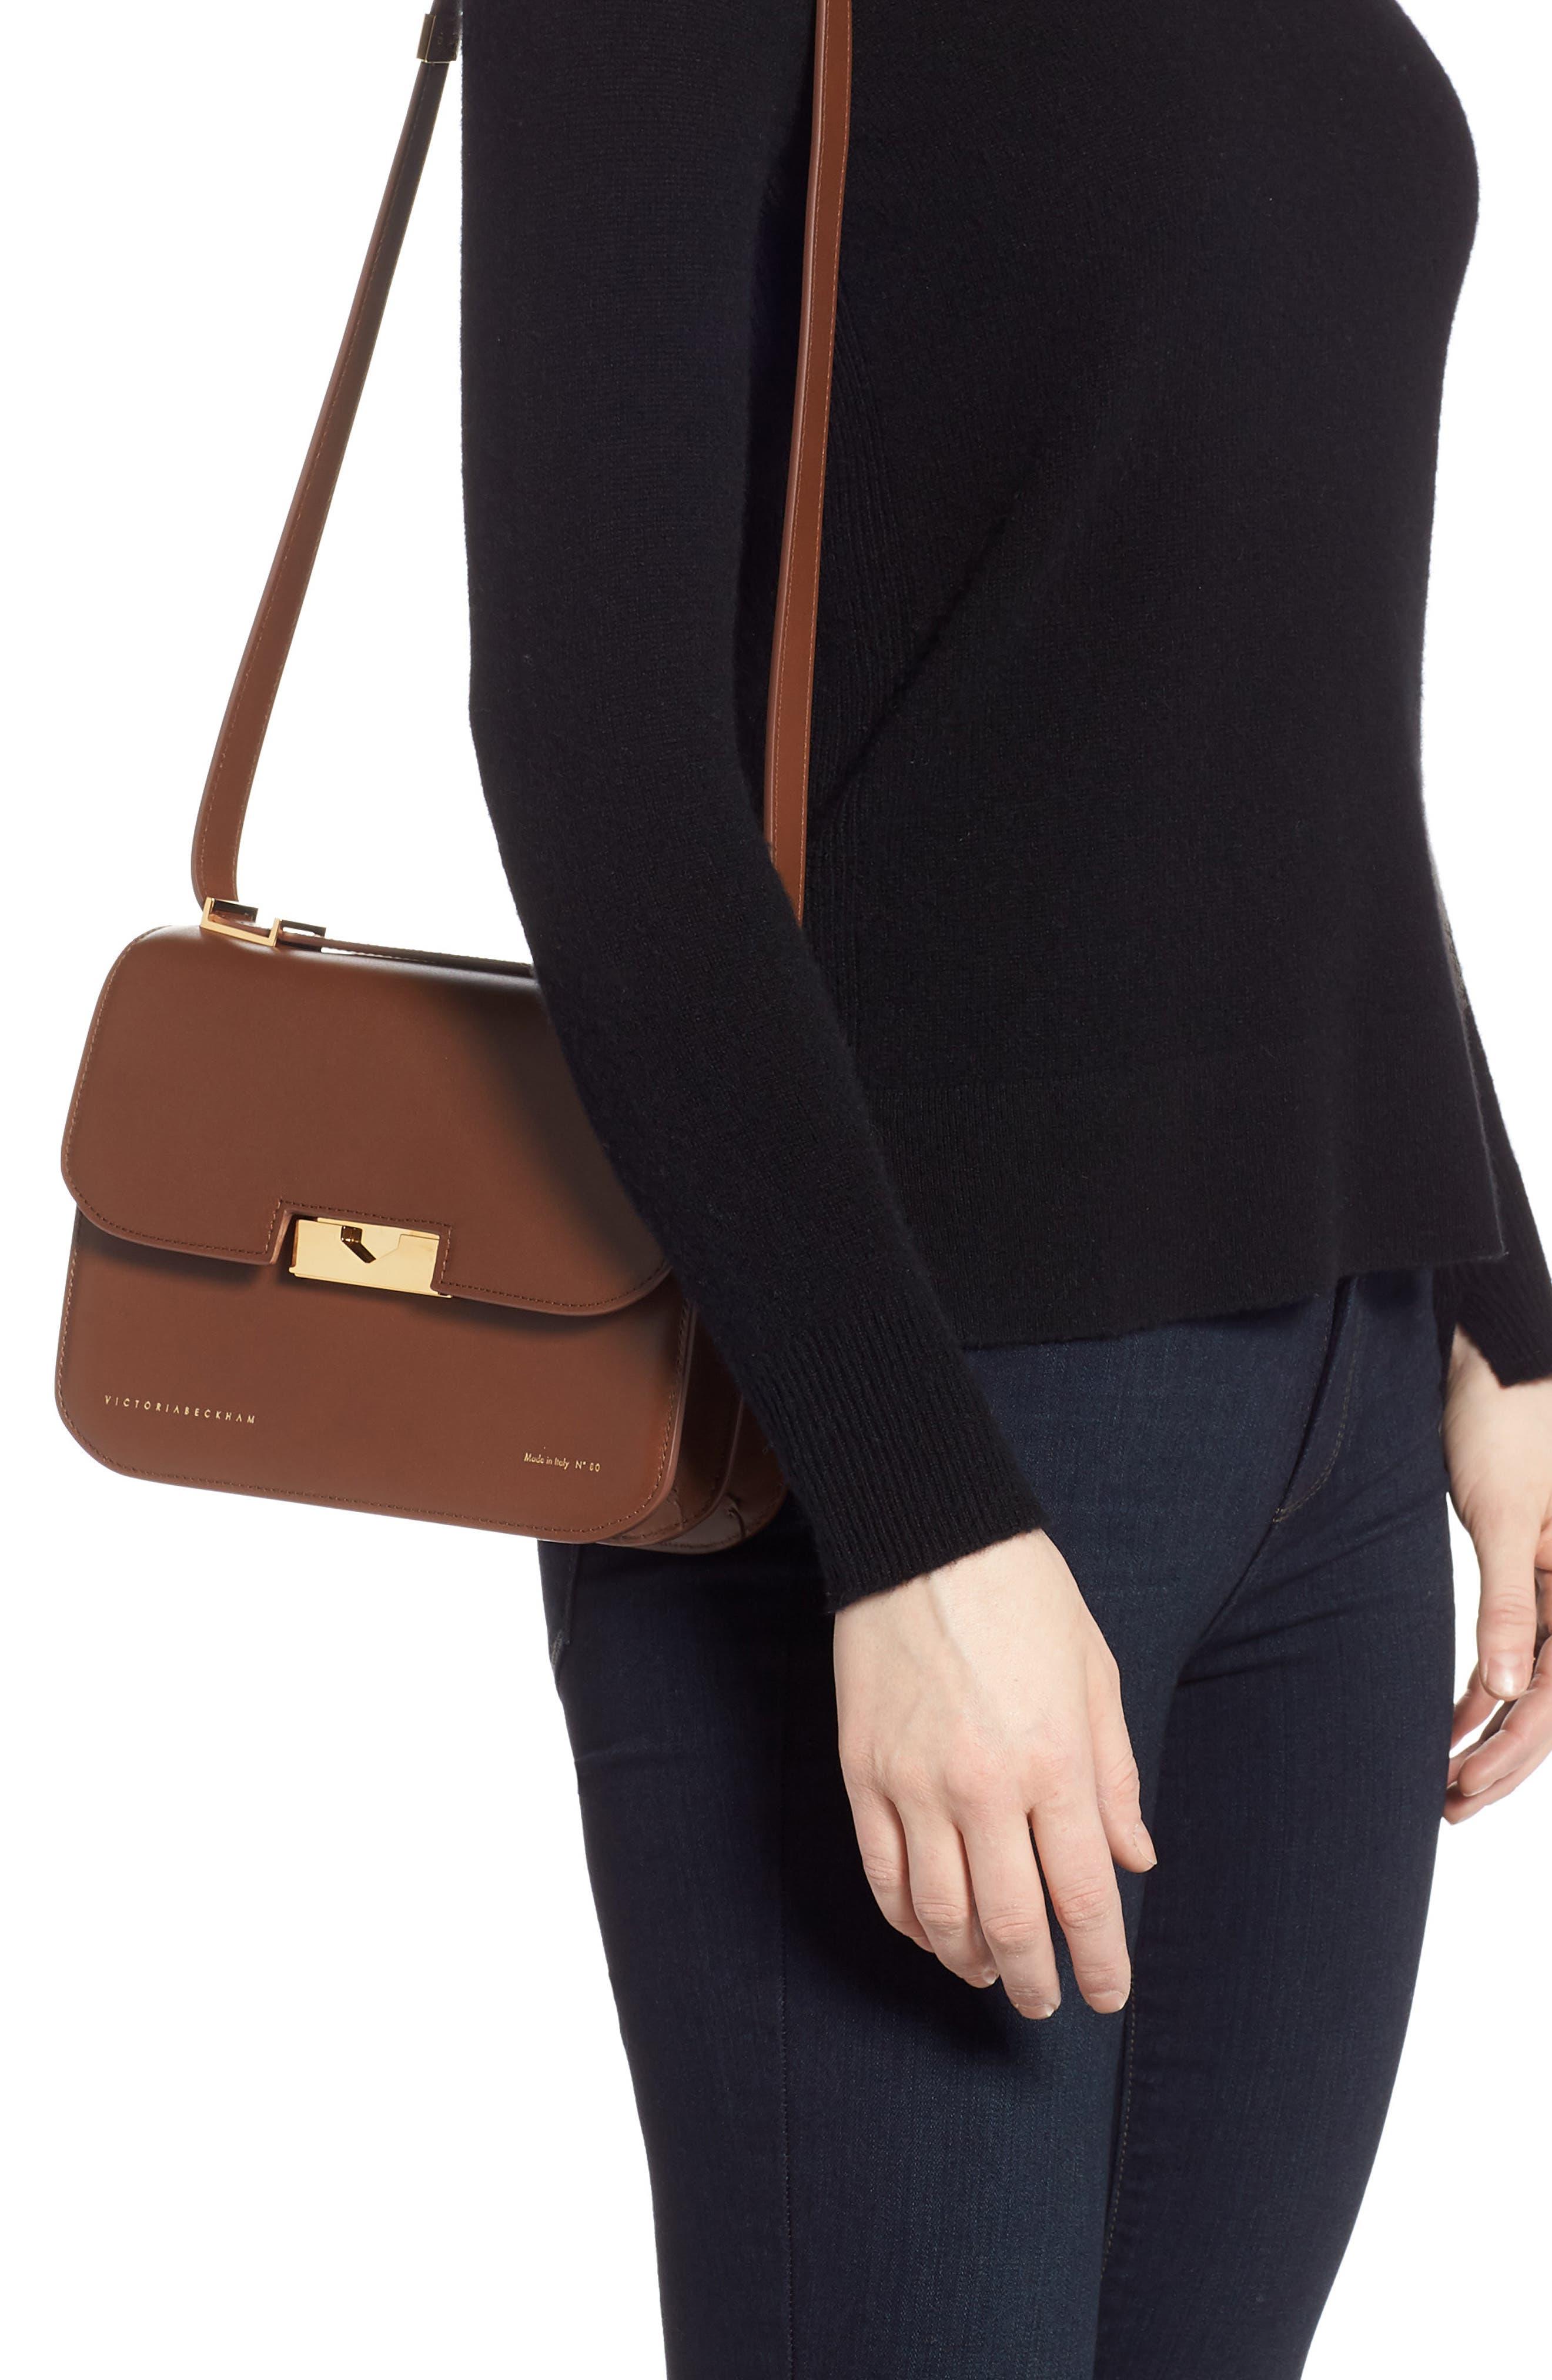 VICTORIA BECKHAM, Eva Leather Shoulder Bag, Alternate thumbnail 2, color, AMBER